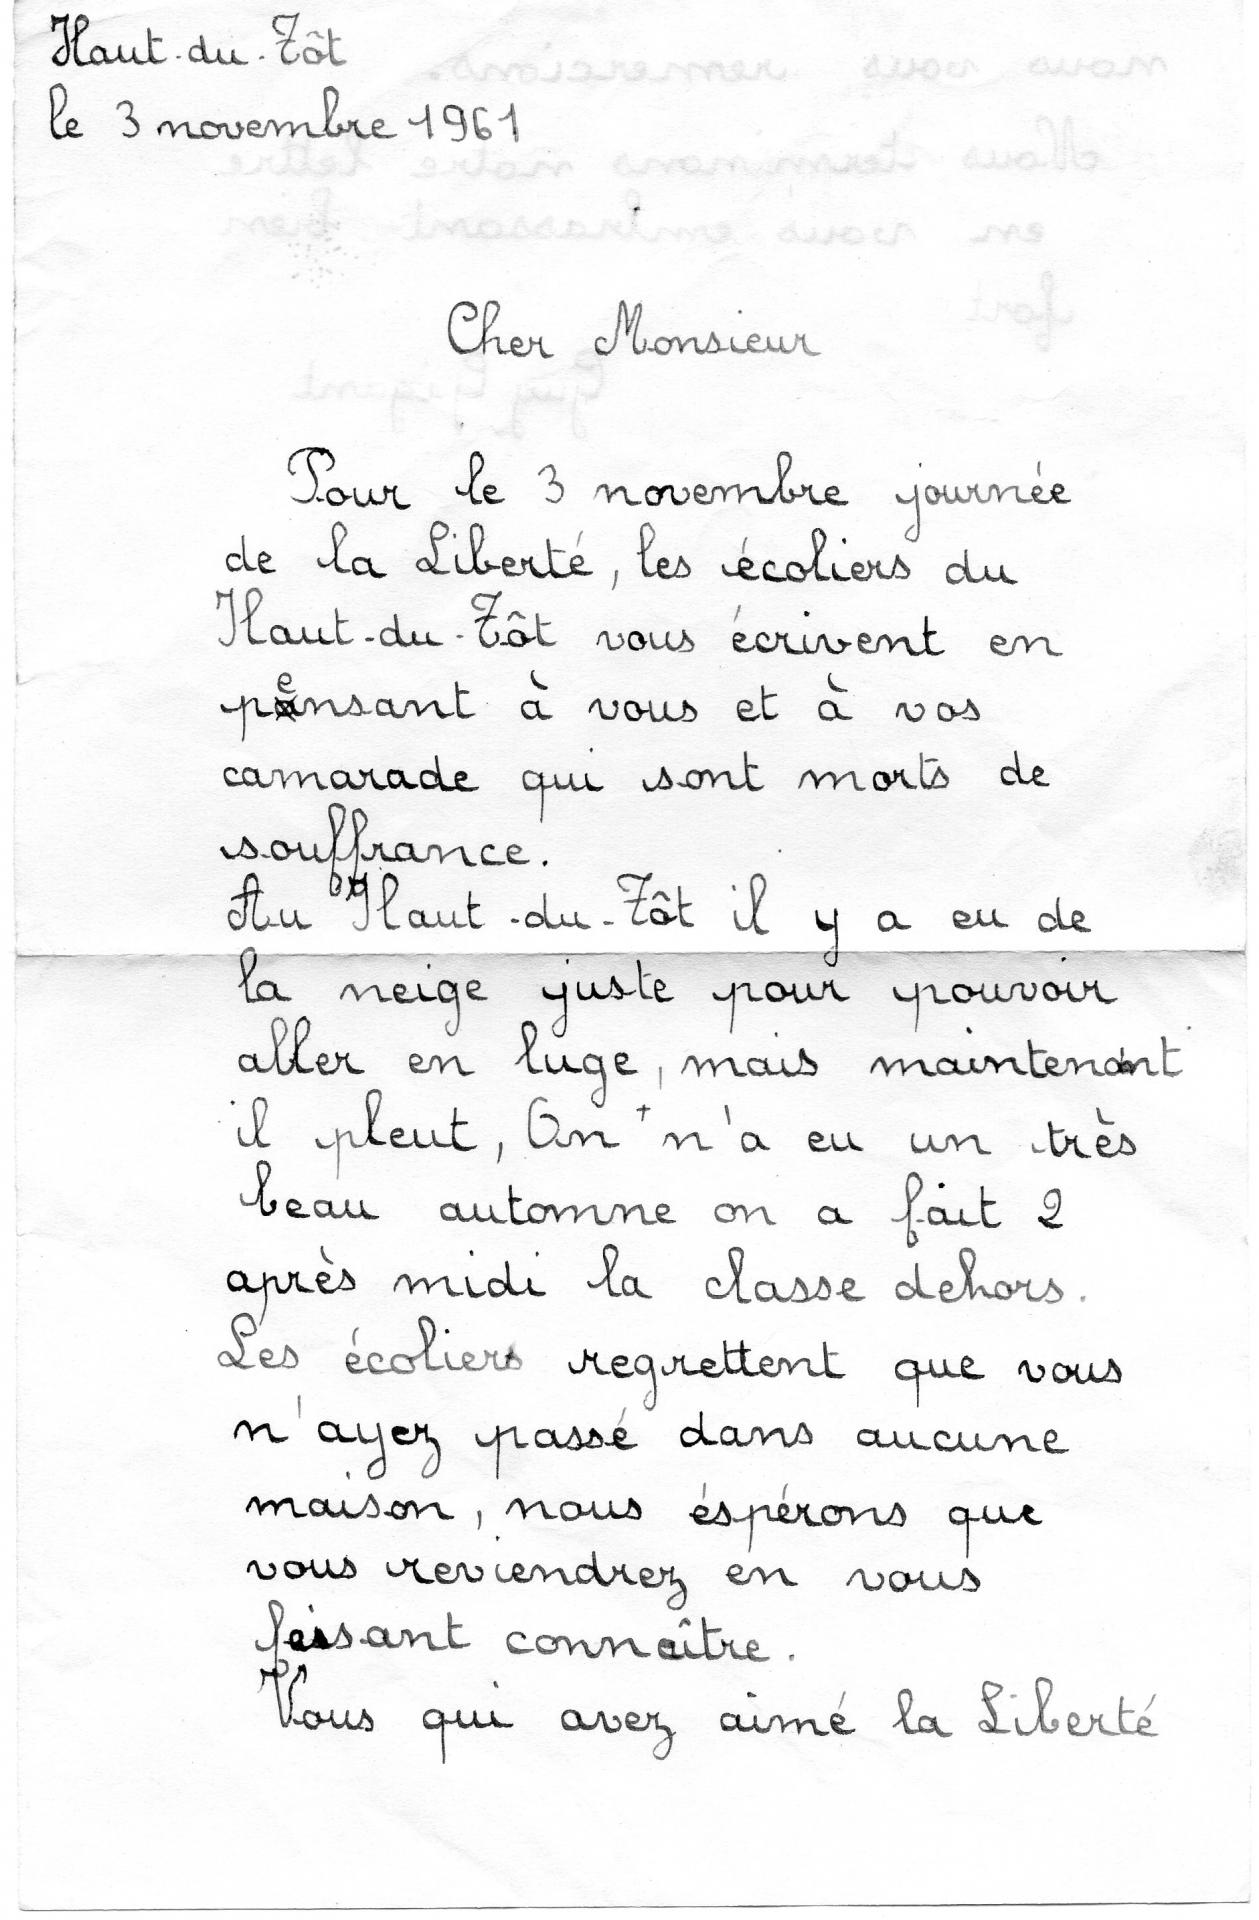 Lettres d eleves haut du tot 1961 001